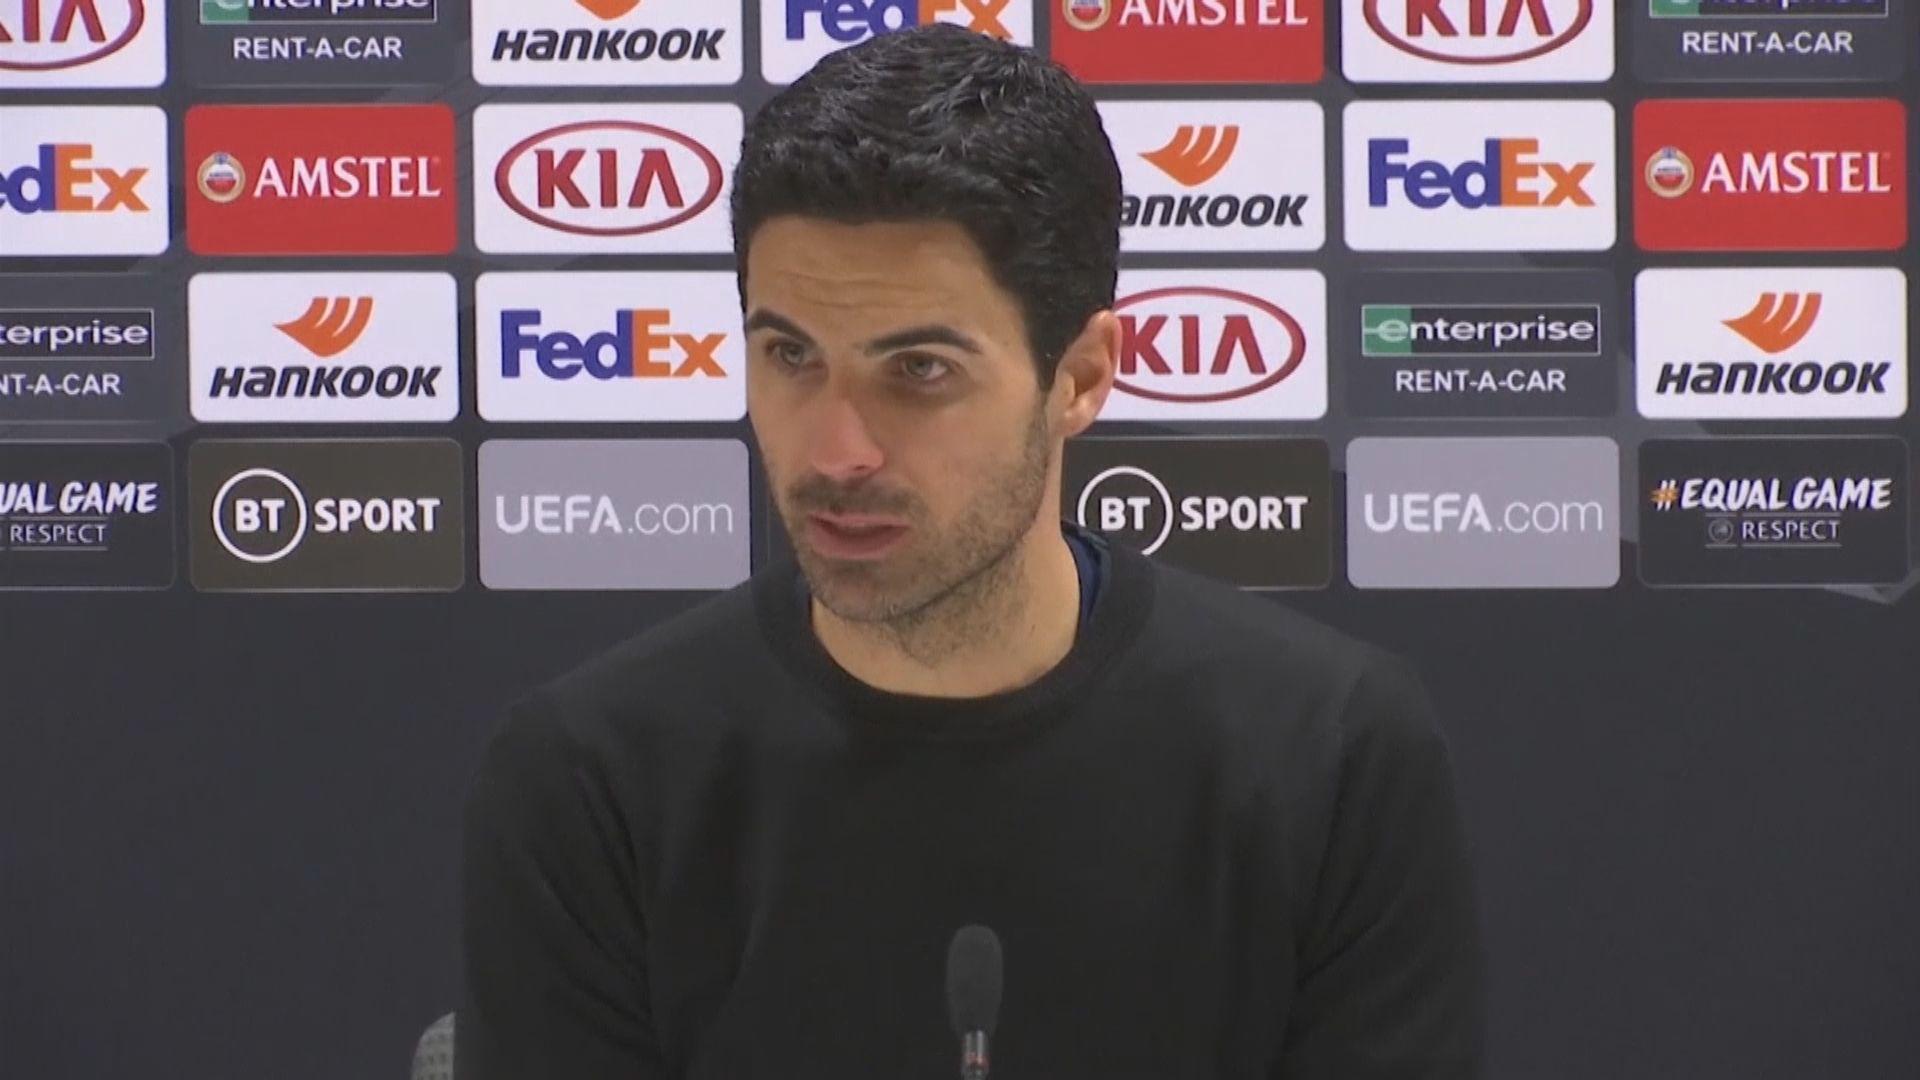 阿仙奴領隊阿迪達確診 英超將開會商討餘下賽程安排